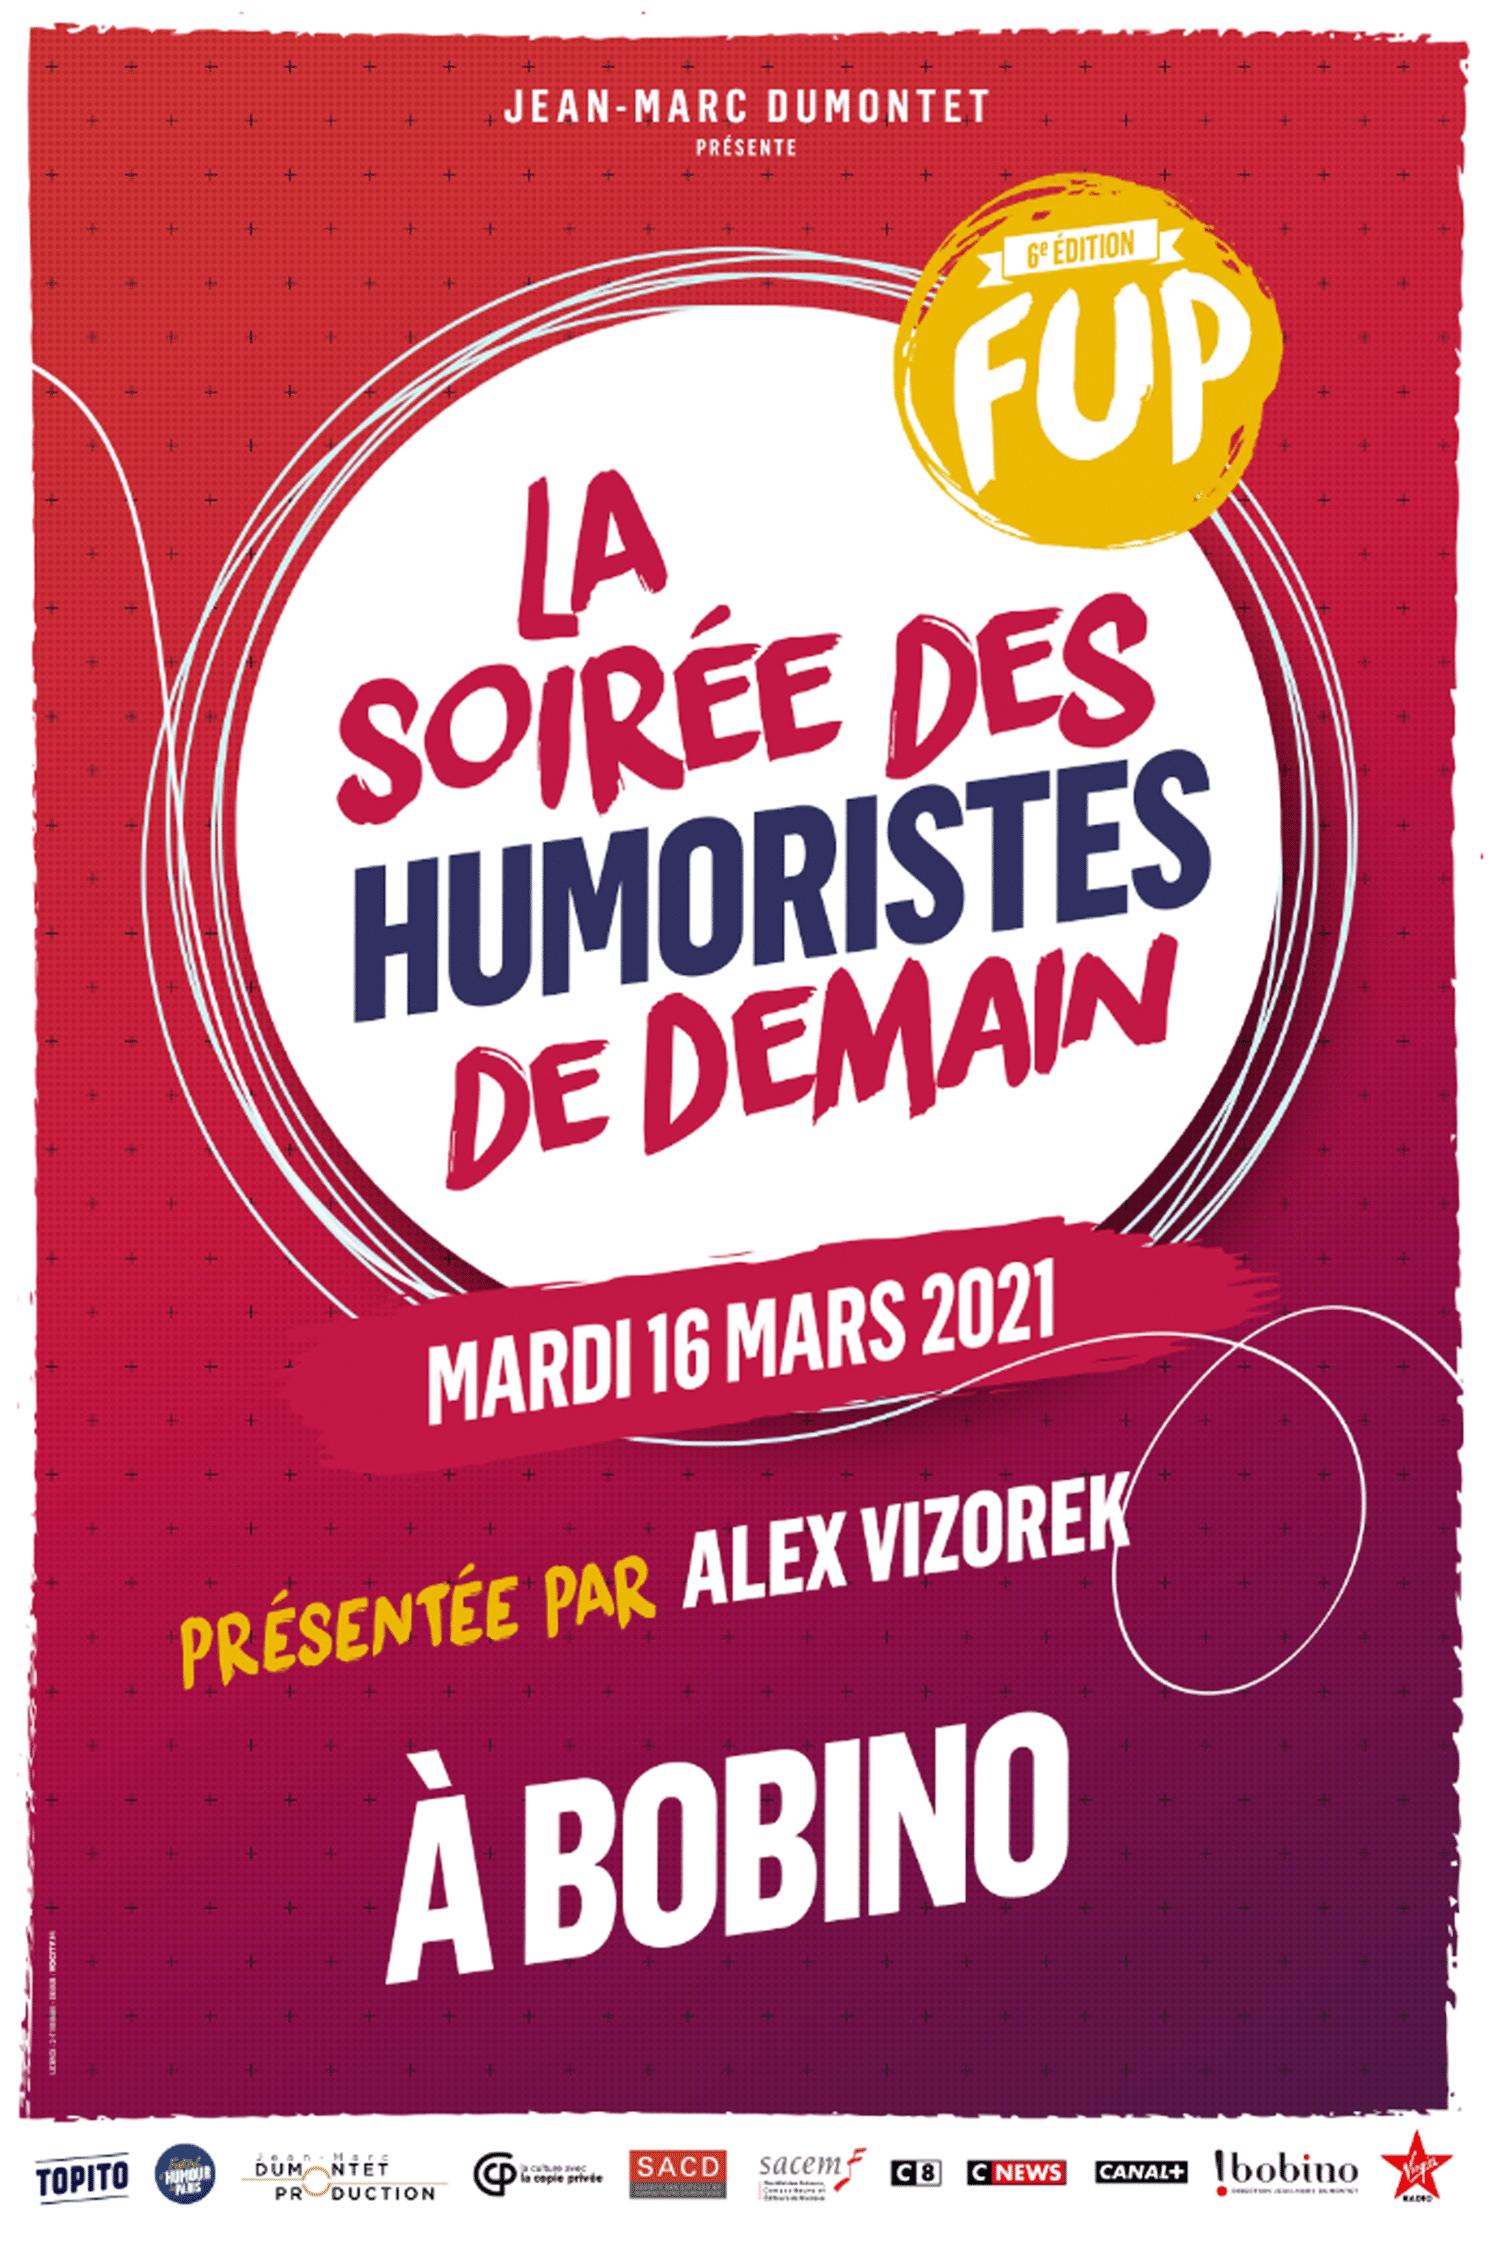 Les Humoristes De Demain